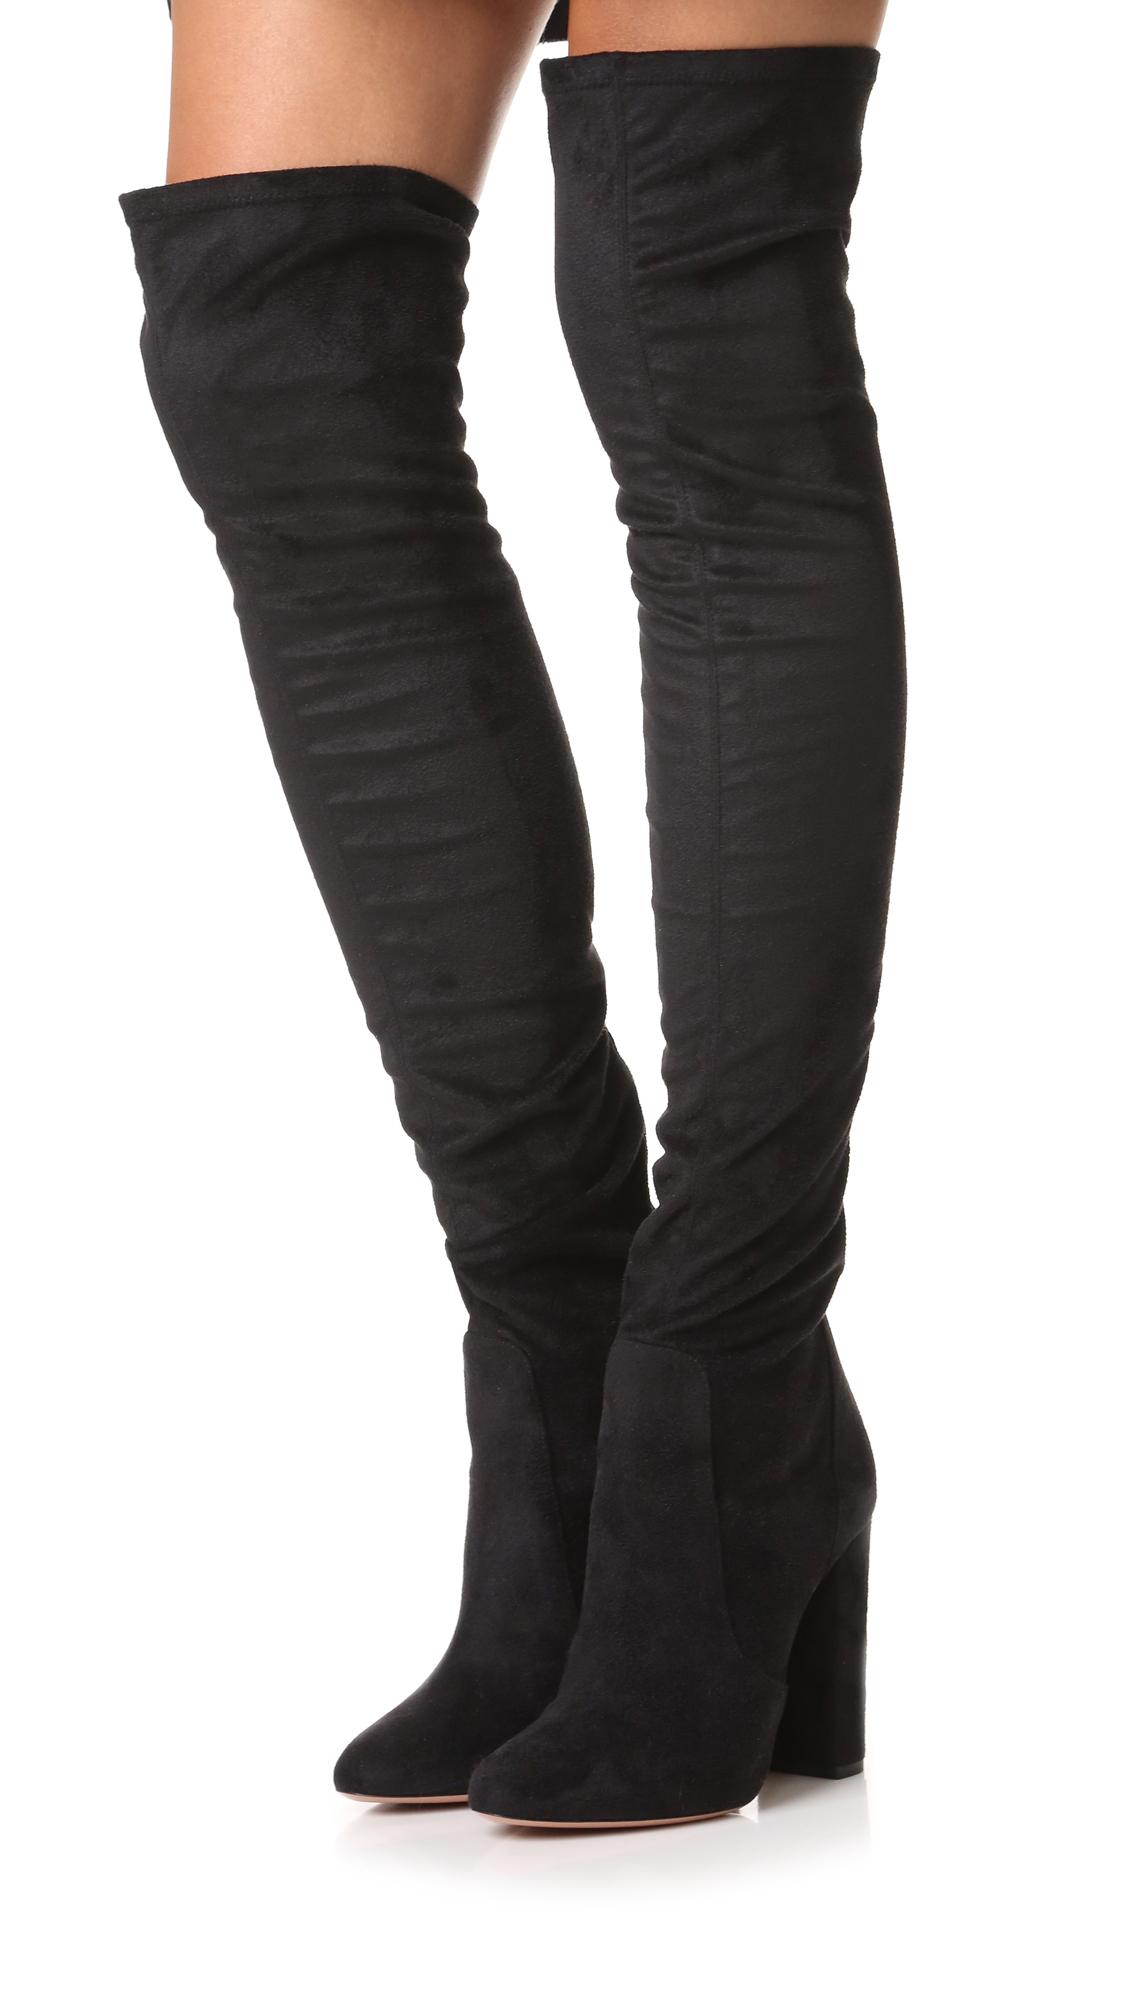 4e2eca990c44 Aquazzura Thigh High Boots